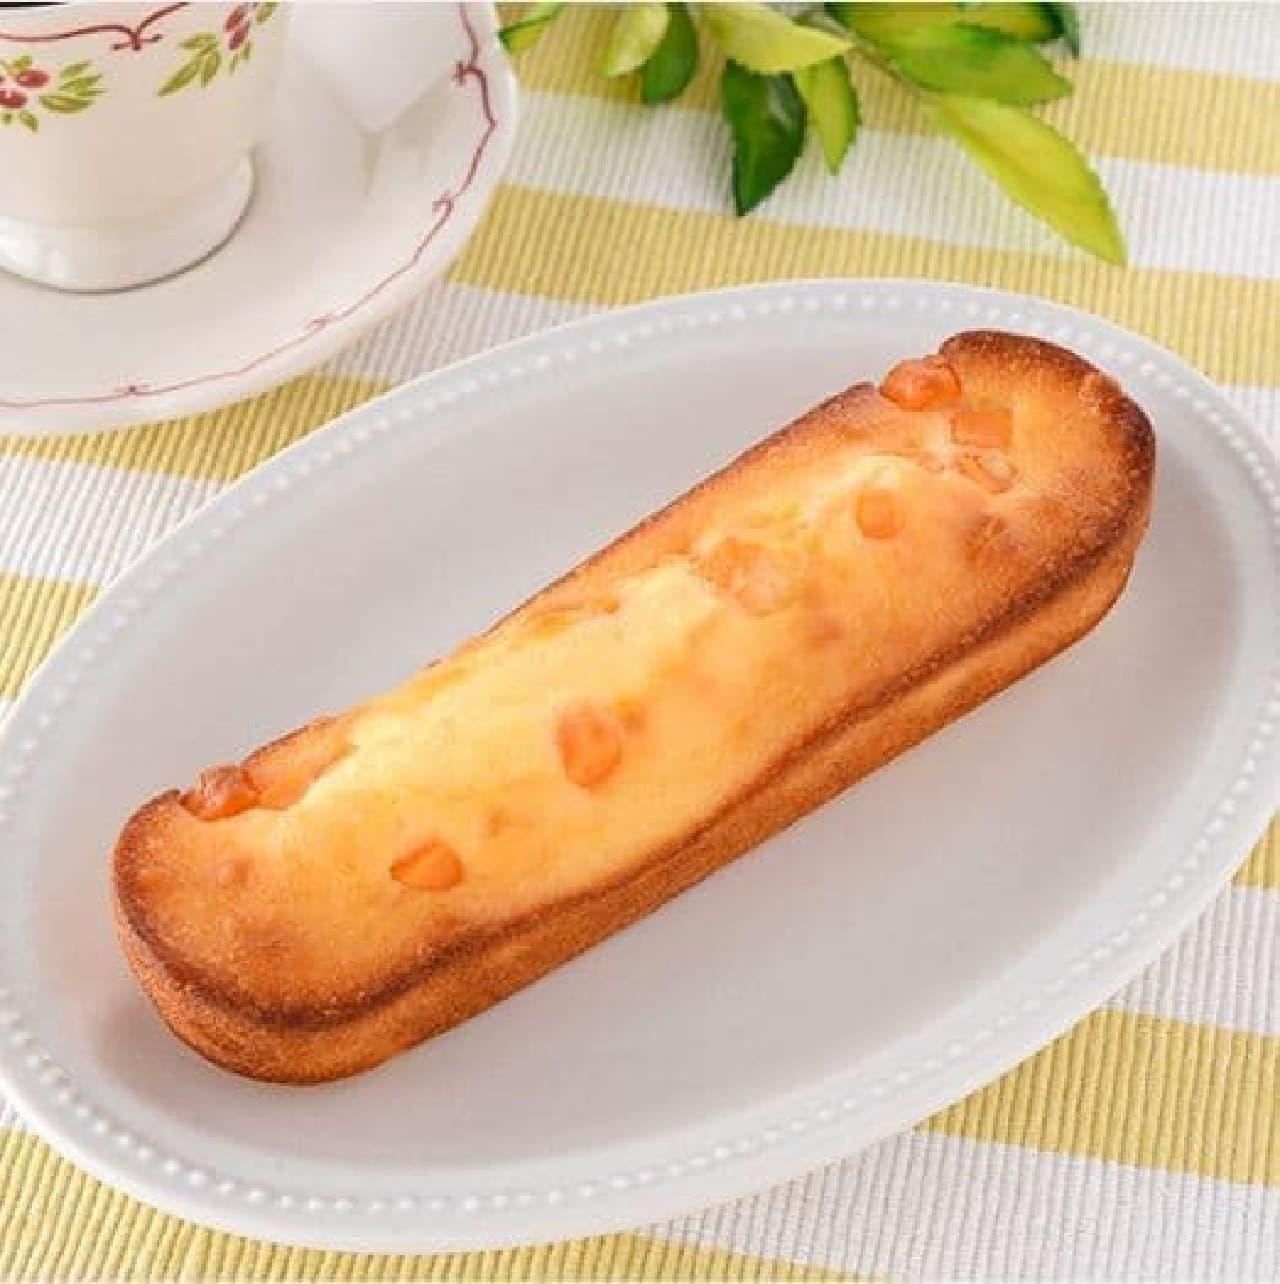 ファミリーマート「しっとりケーキ(角切りチーズ)」